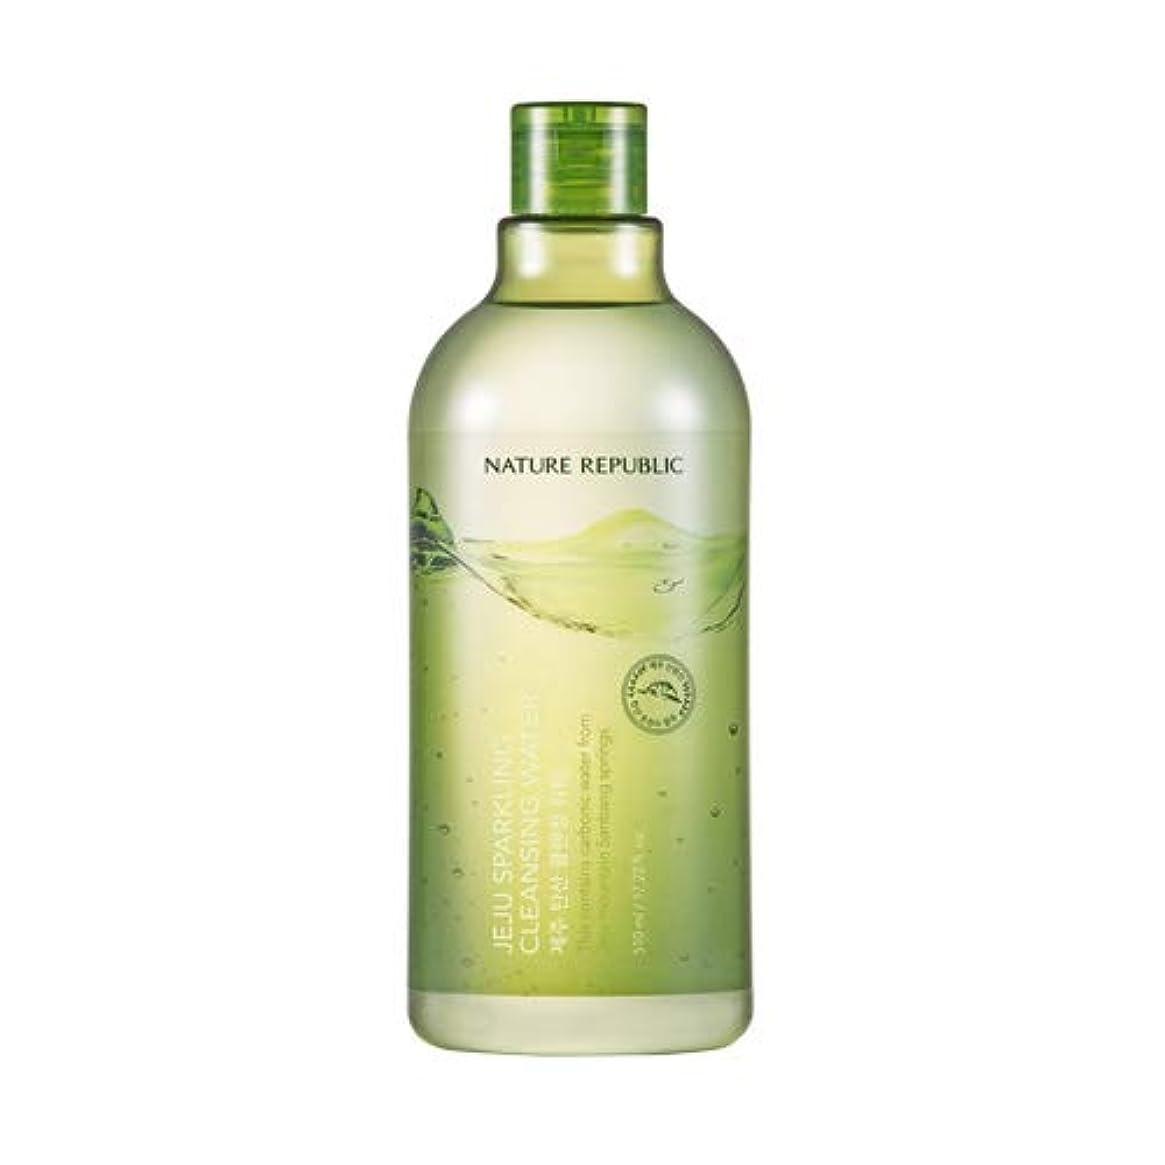 過ち添加委任Nature republic Jeju Sparkling(Carbonic) Cleansing Water ネイチャーリパブリック済州炭酸クレンジングウォーター 510ml [並行輸入品]